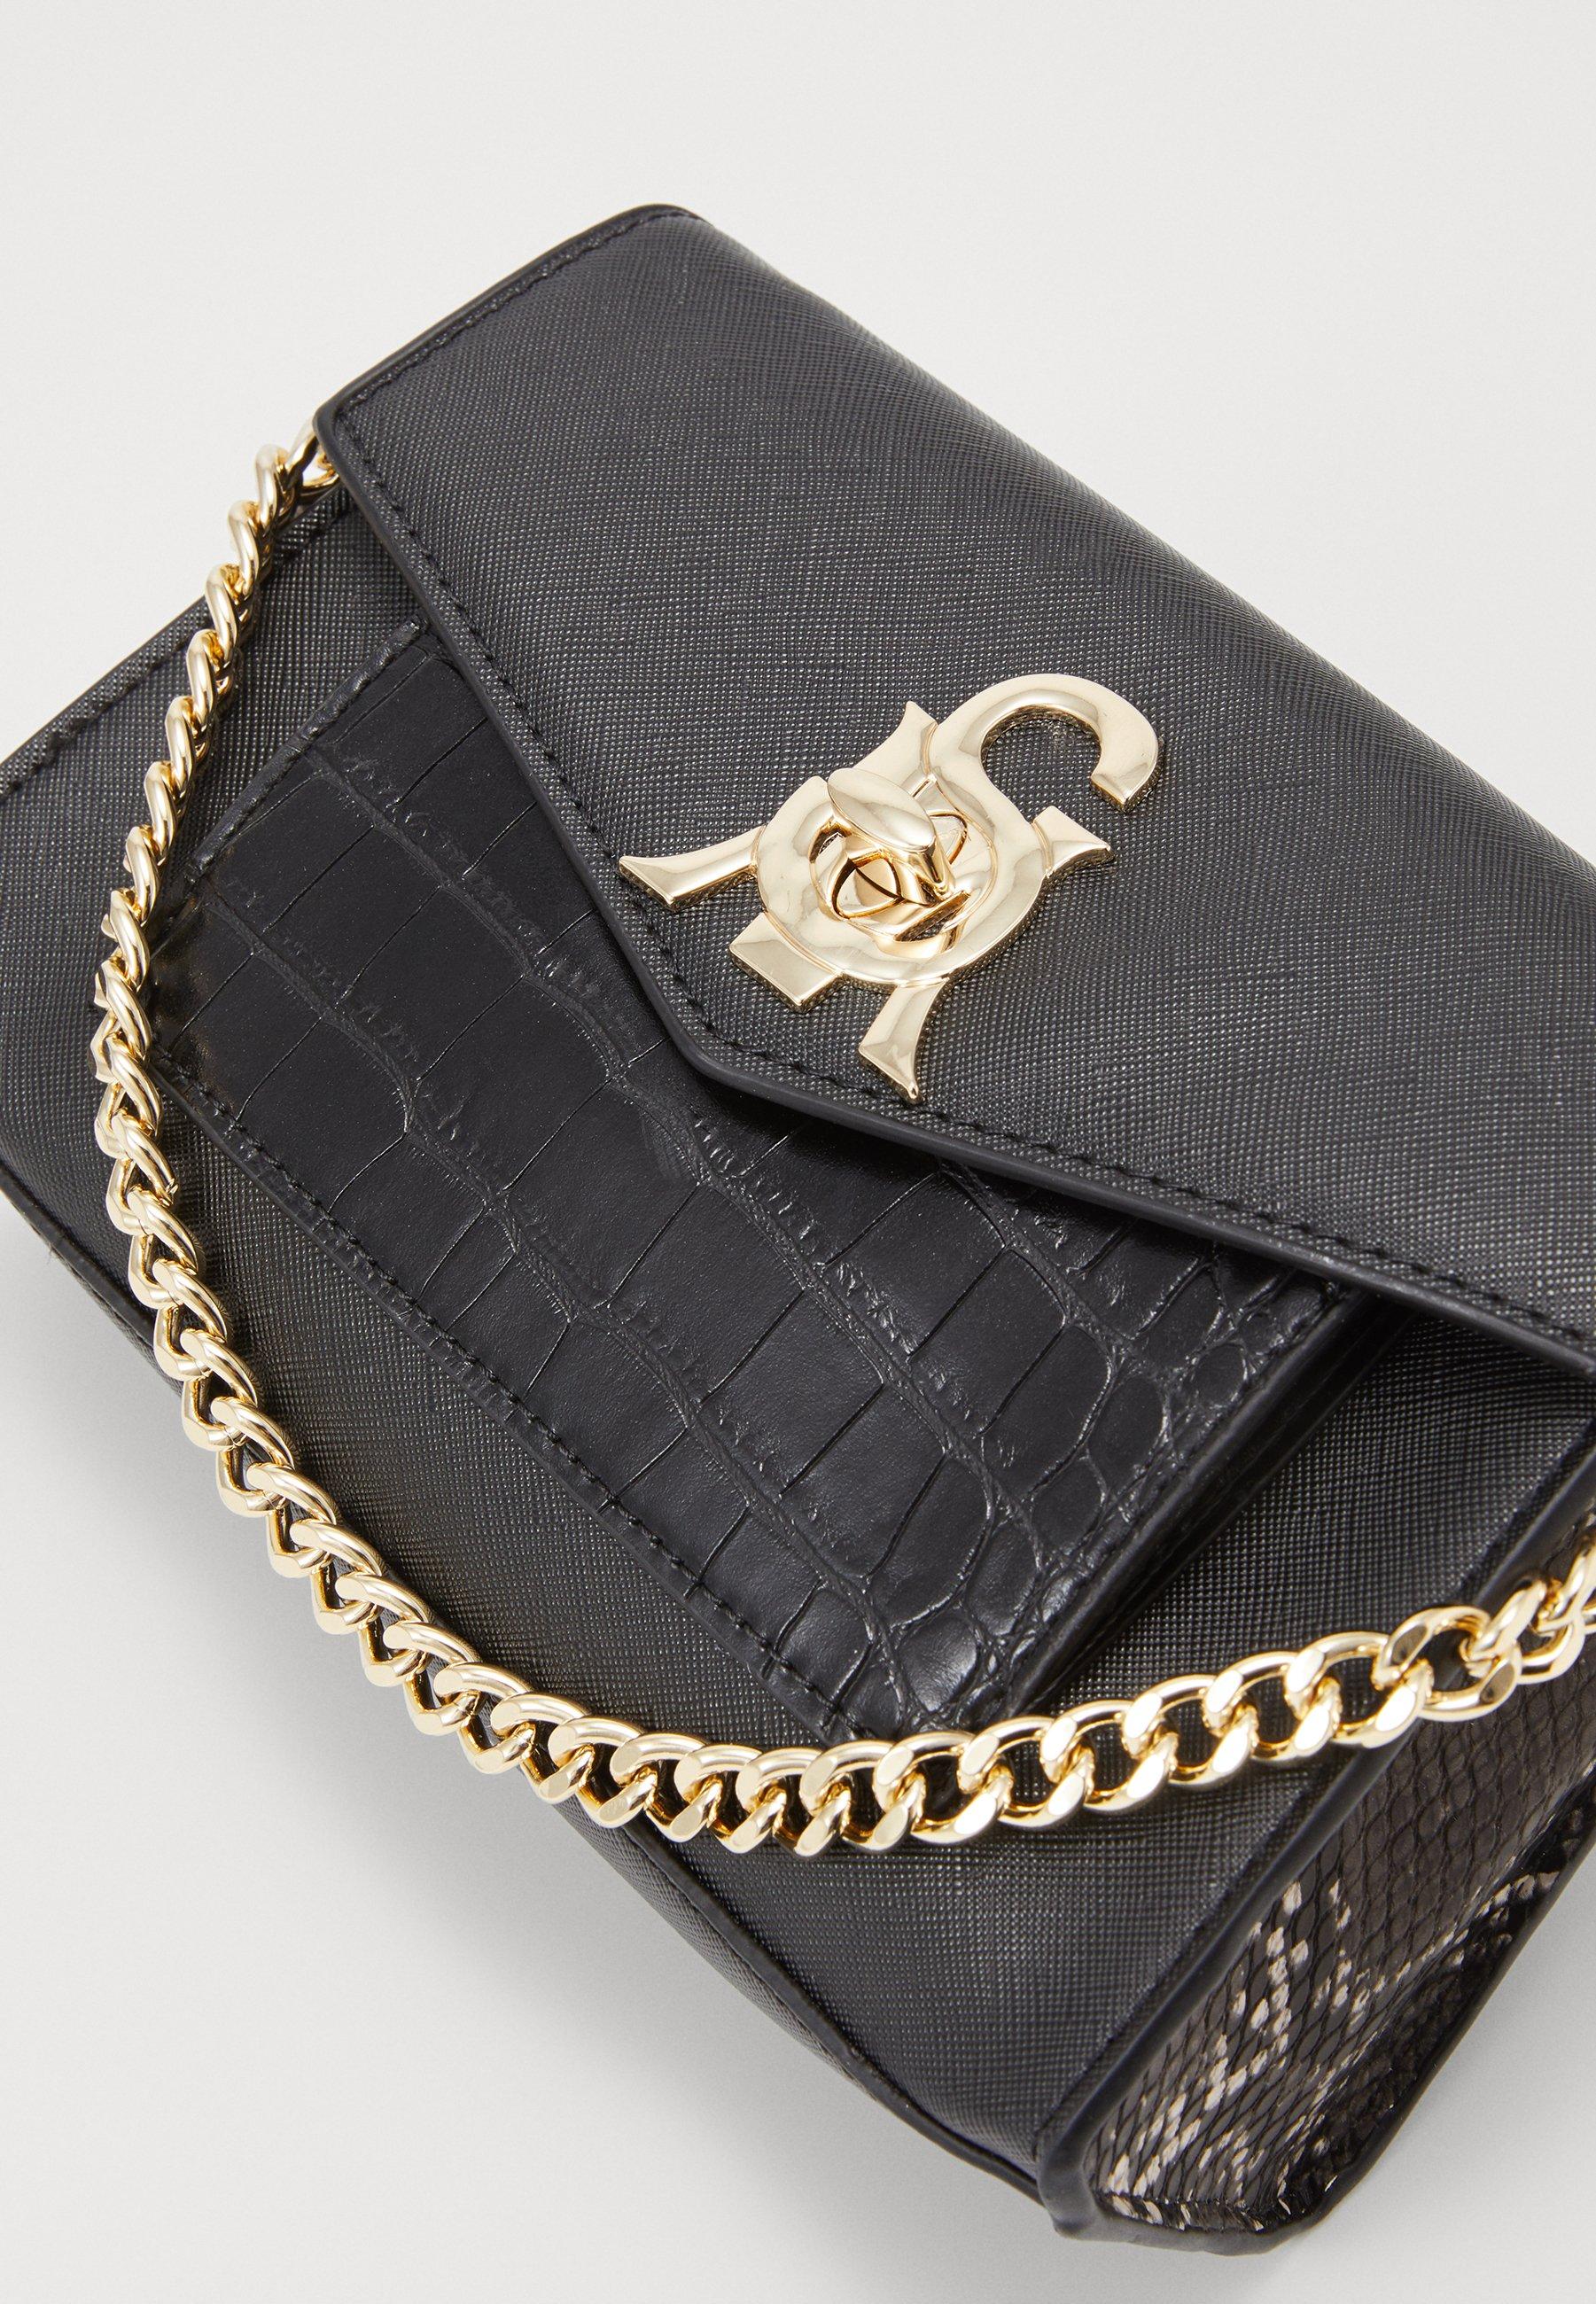 Steve Madden Handtasche - Black/schwarz